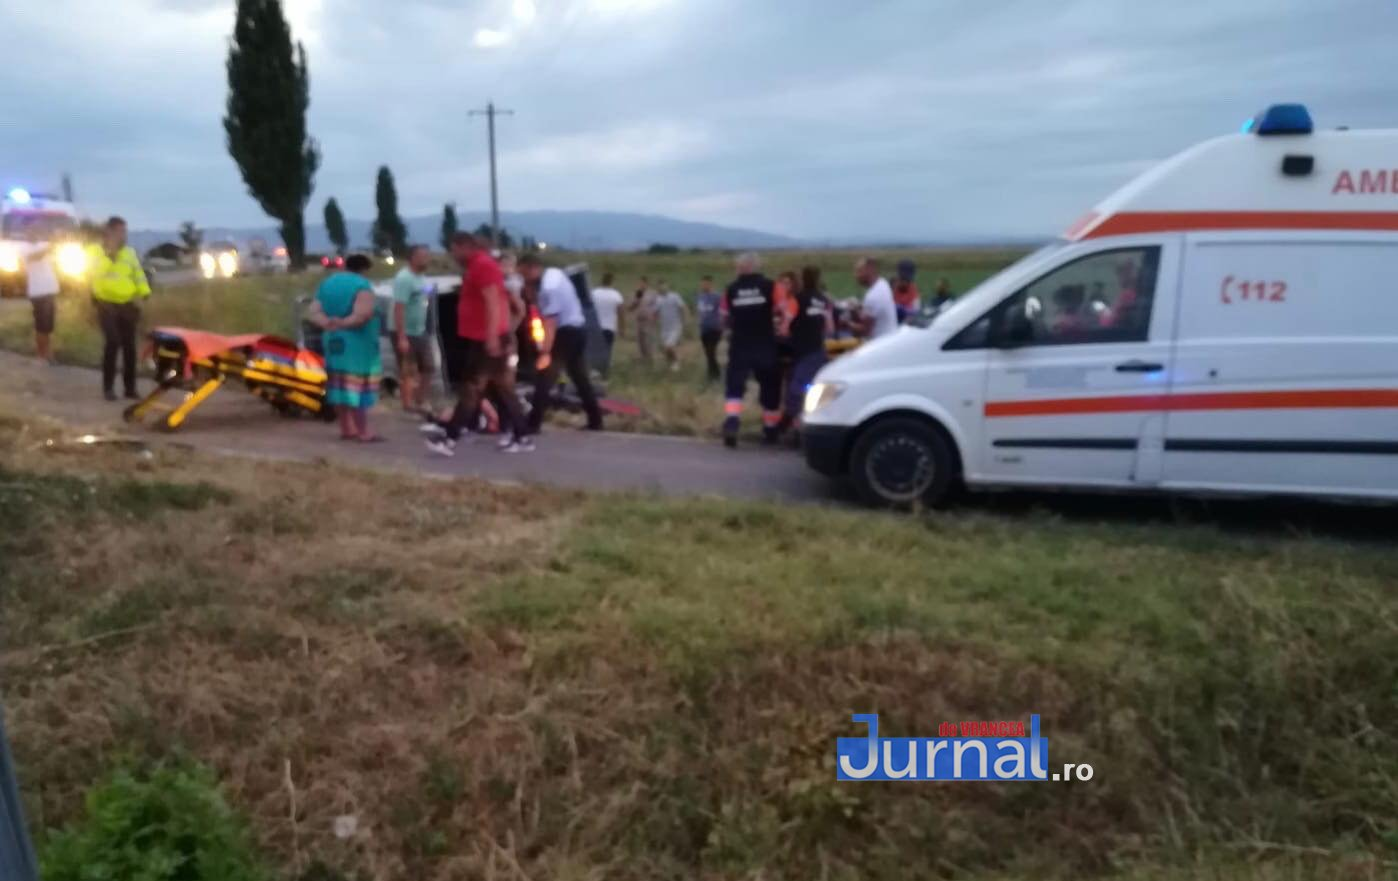 poza 3 - Ultima oră: Accident grav aproape de Tișița. Un  microbuz cu mai multe persoane s-a răsturnat